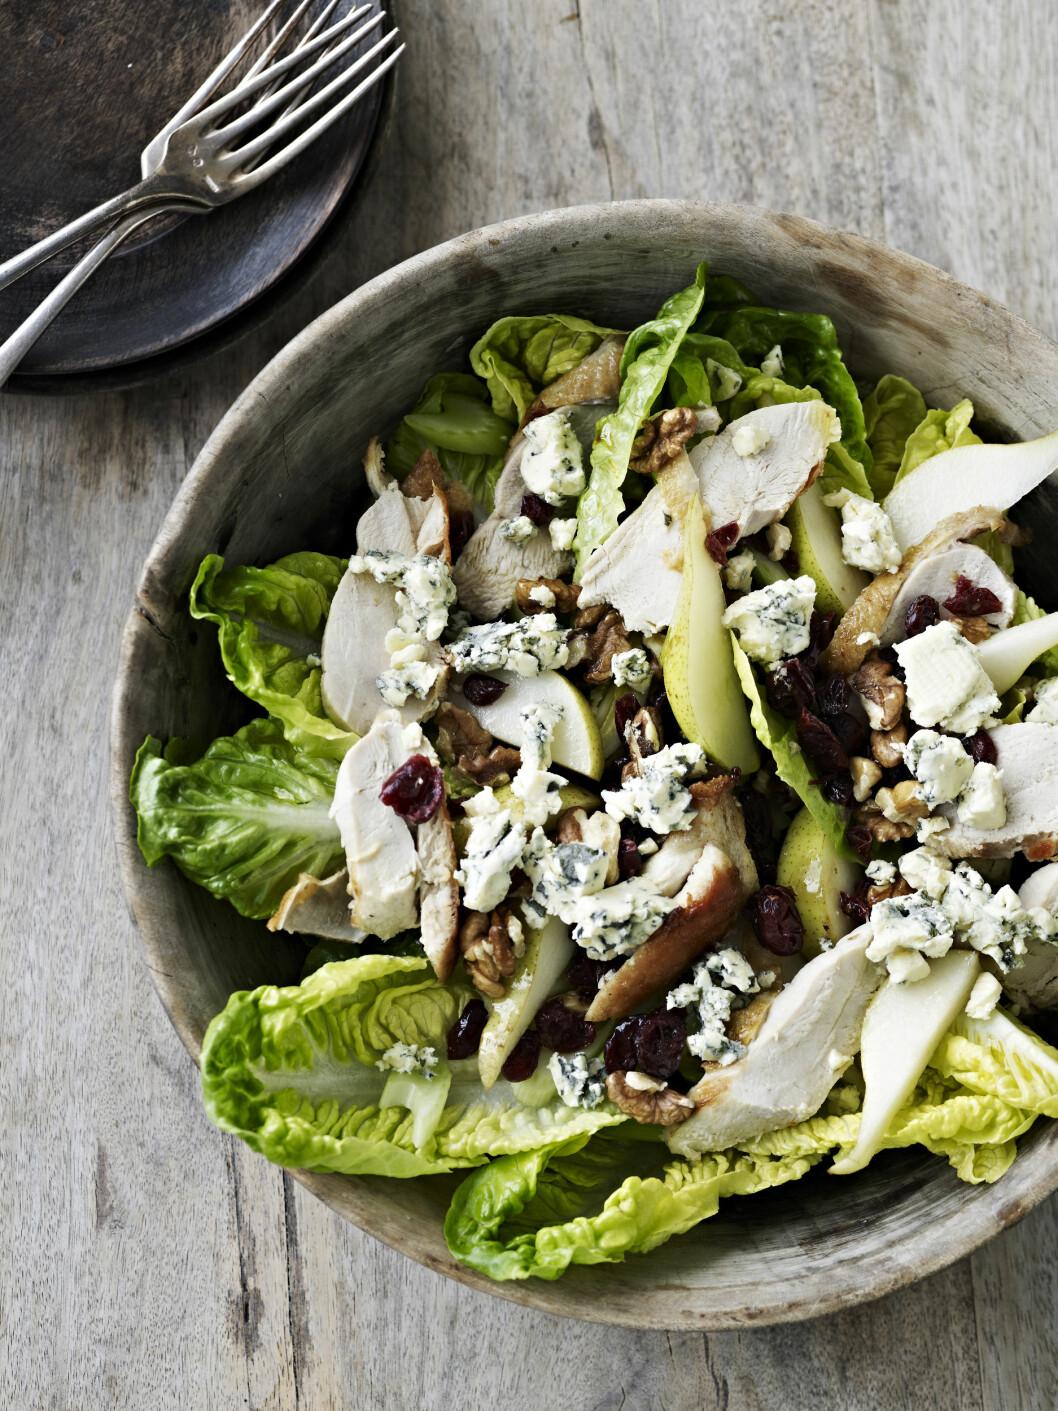 DEILIG SALAT: Stor, mettende salat som kan spises som den er, eller med brød til. Foto: All Over Press